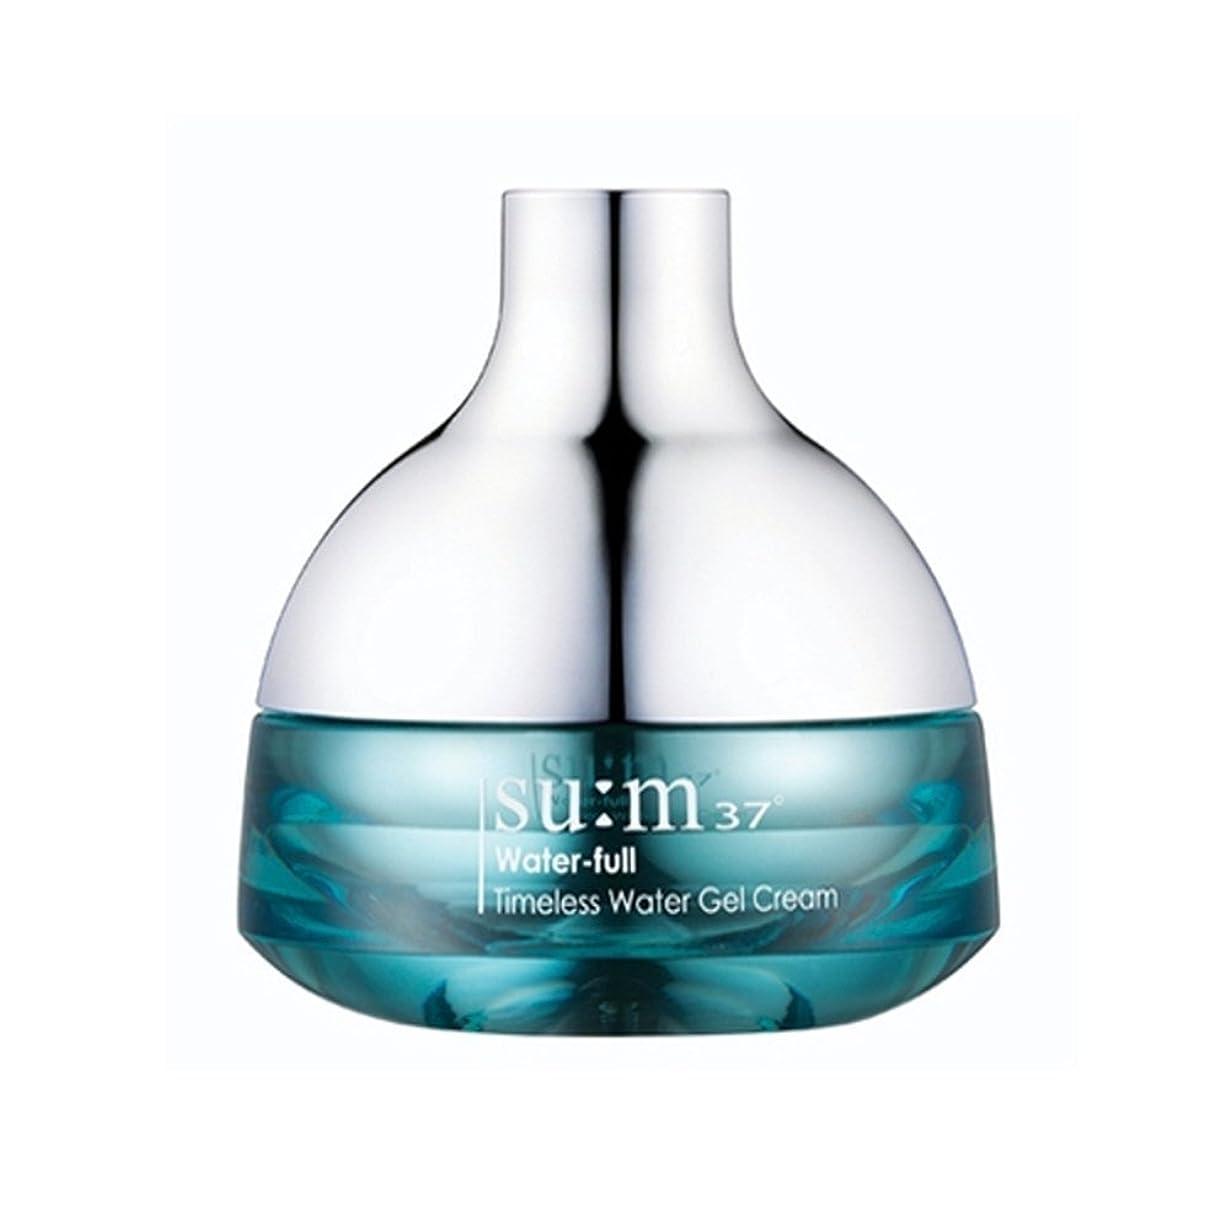 注入ビバメール[su:m37/スム37°] SUM37 Water-full Timeless Water Gel Cream 50ml/WF07 sum37 ウォータフル タイムレス ウォータージェルクリーム 50ml +[Sample Gift](海外直送品)